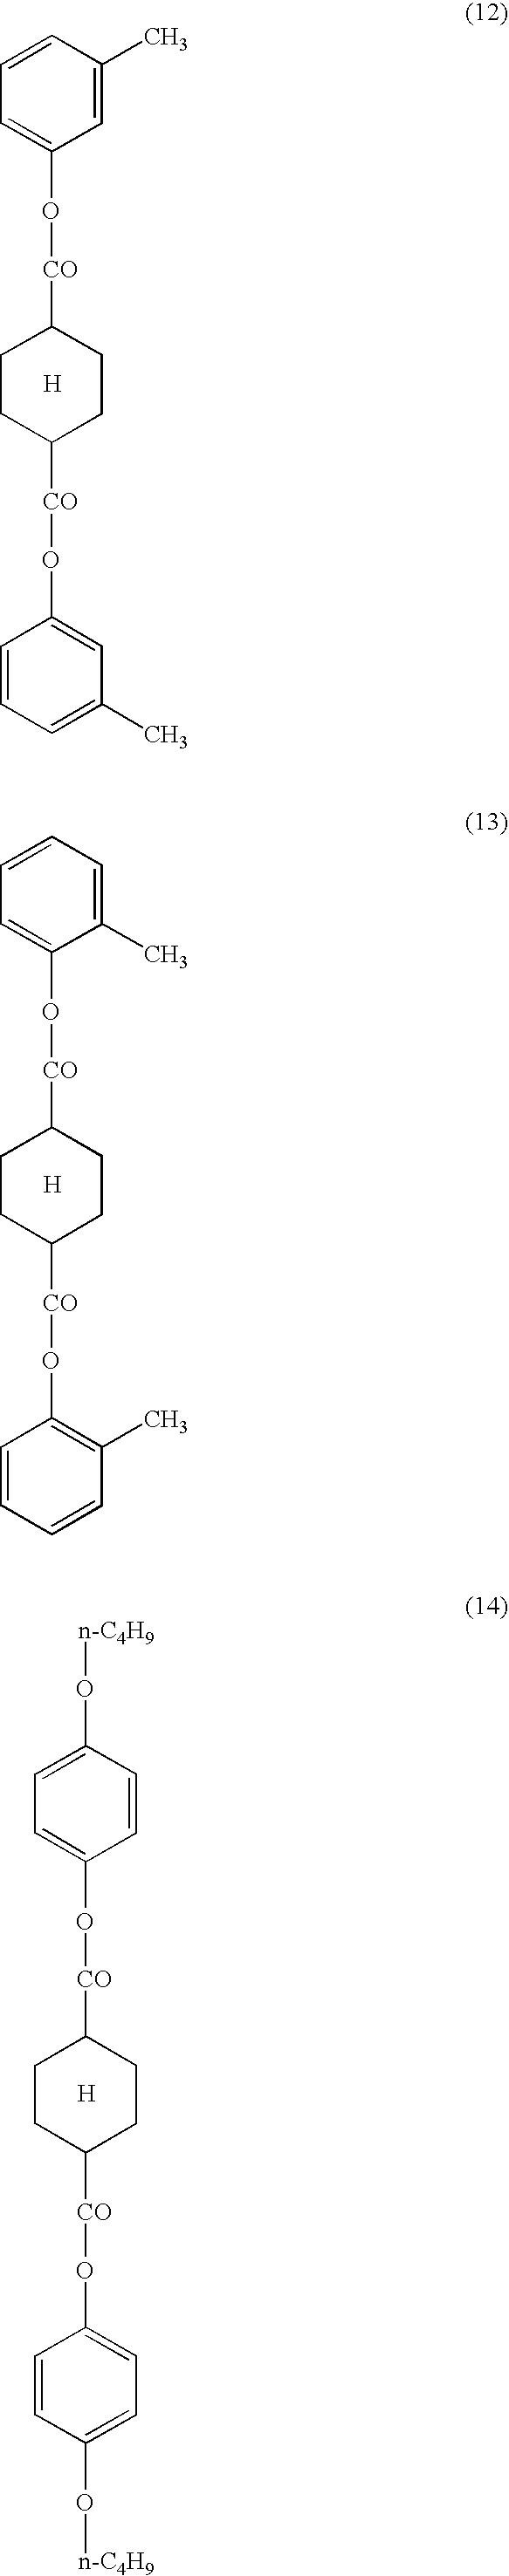 Figure US07504139-20090317-C00006